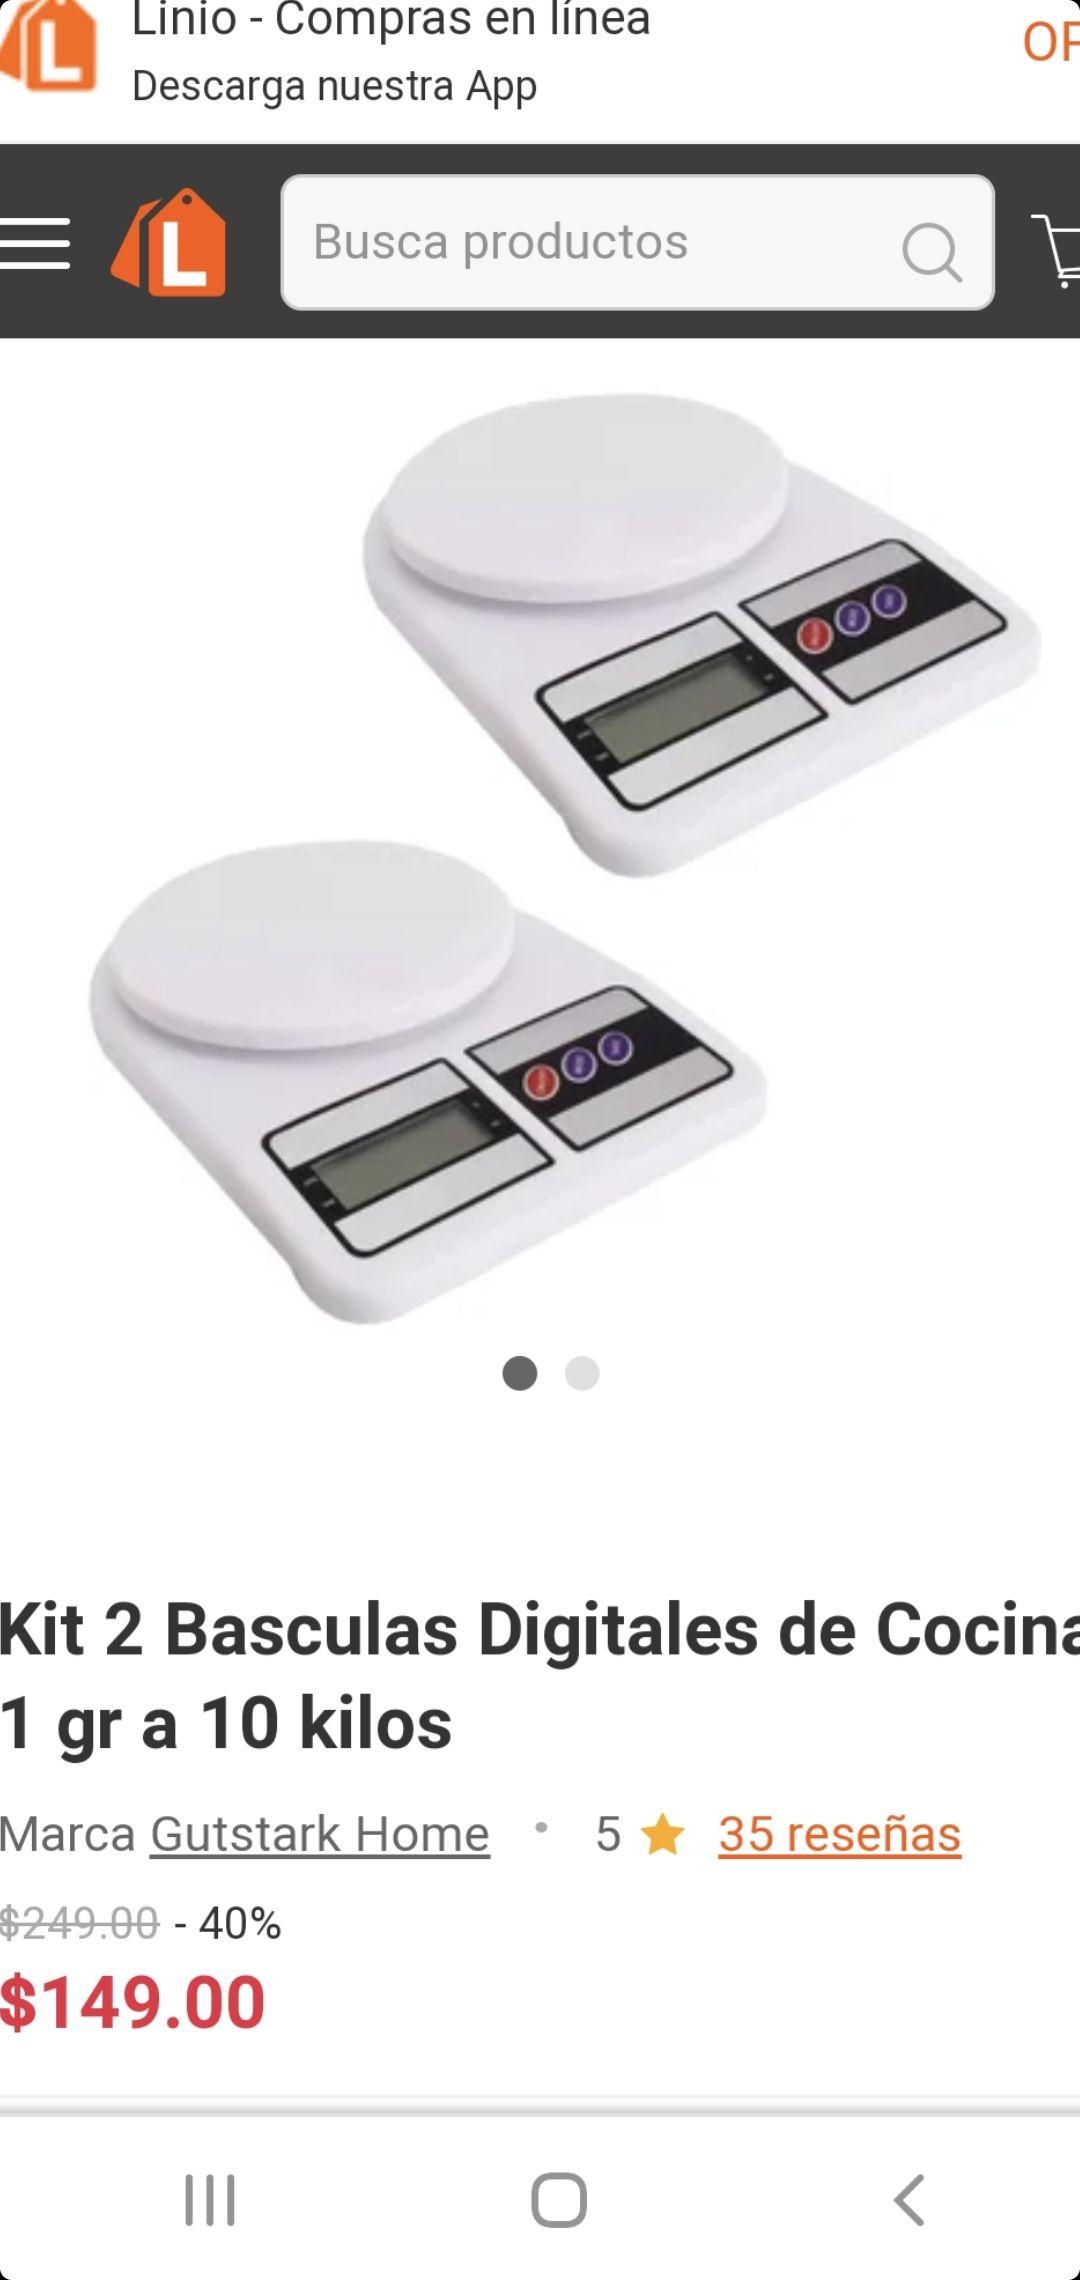 Linio: Kit 2 Basculas Digitales de Cocina 1gr a 10 Kilos